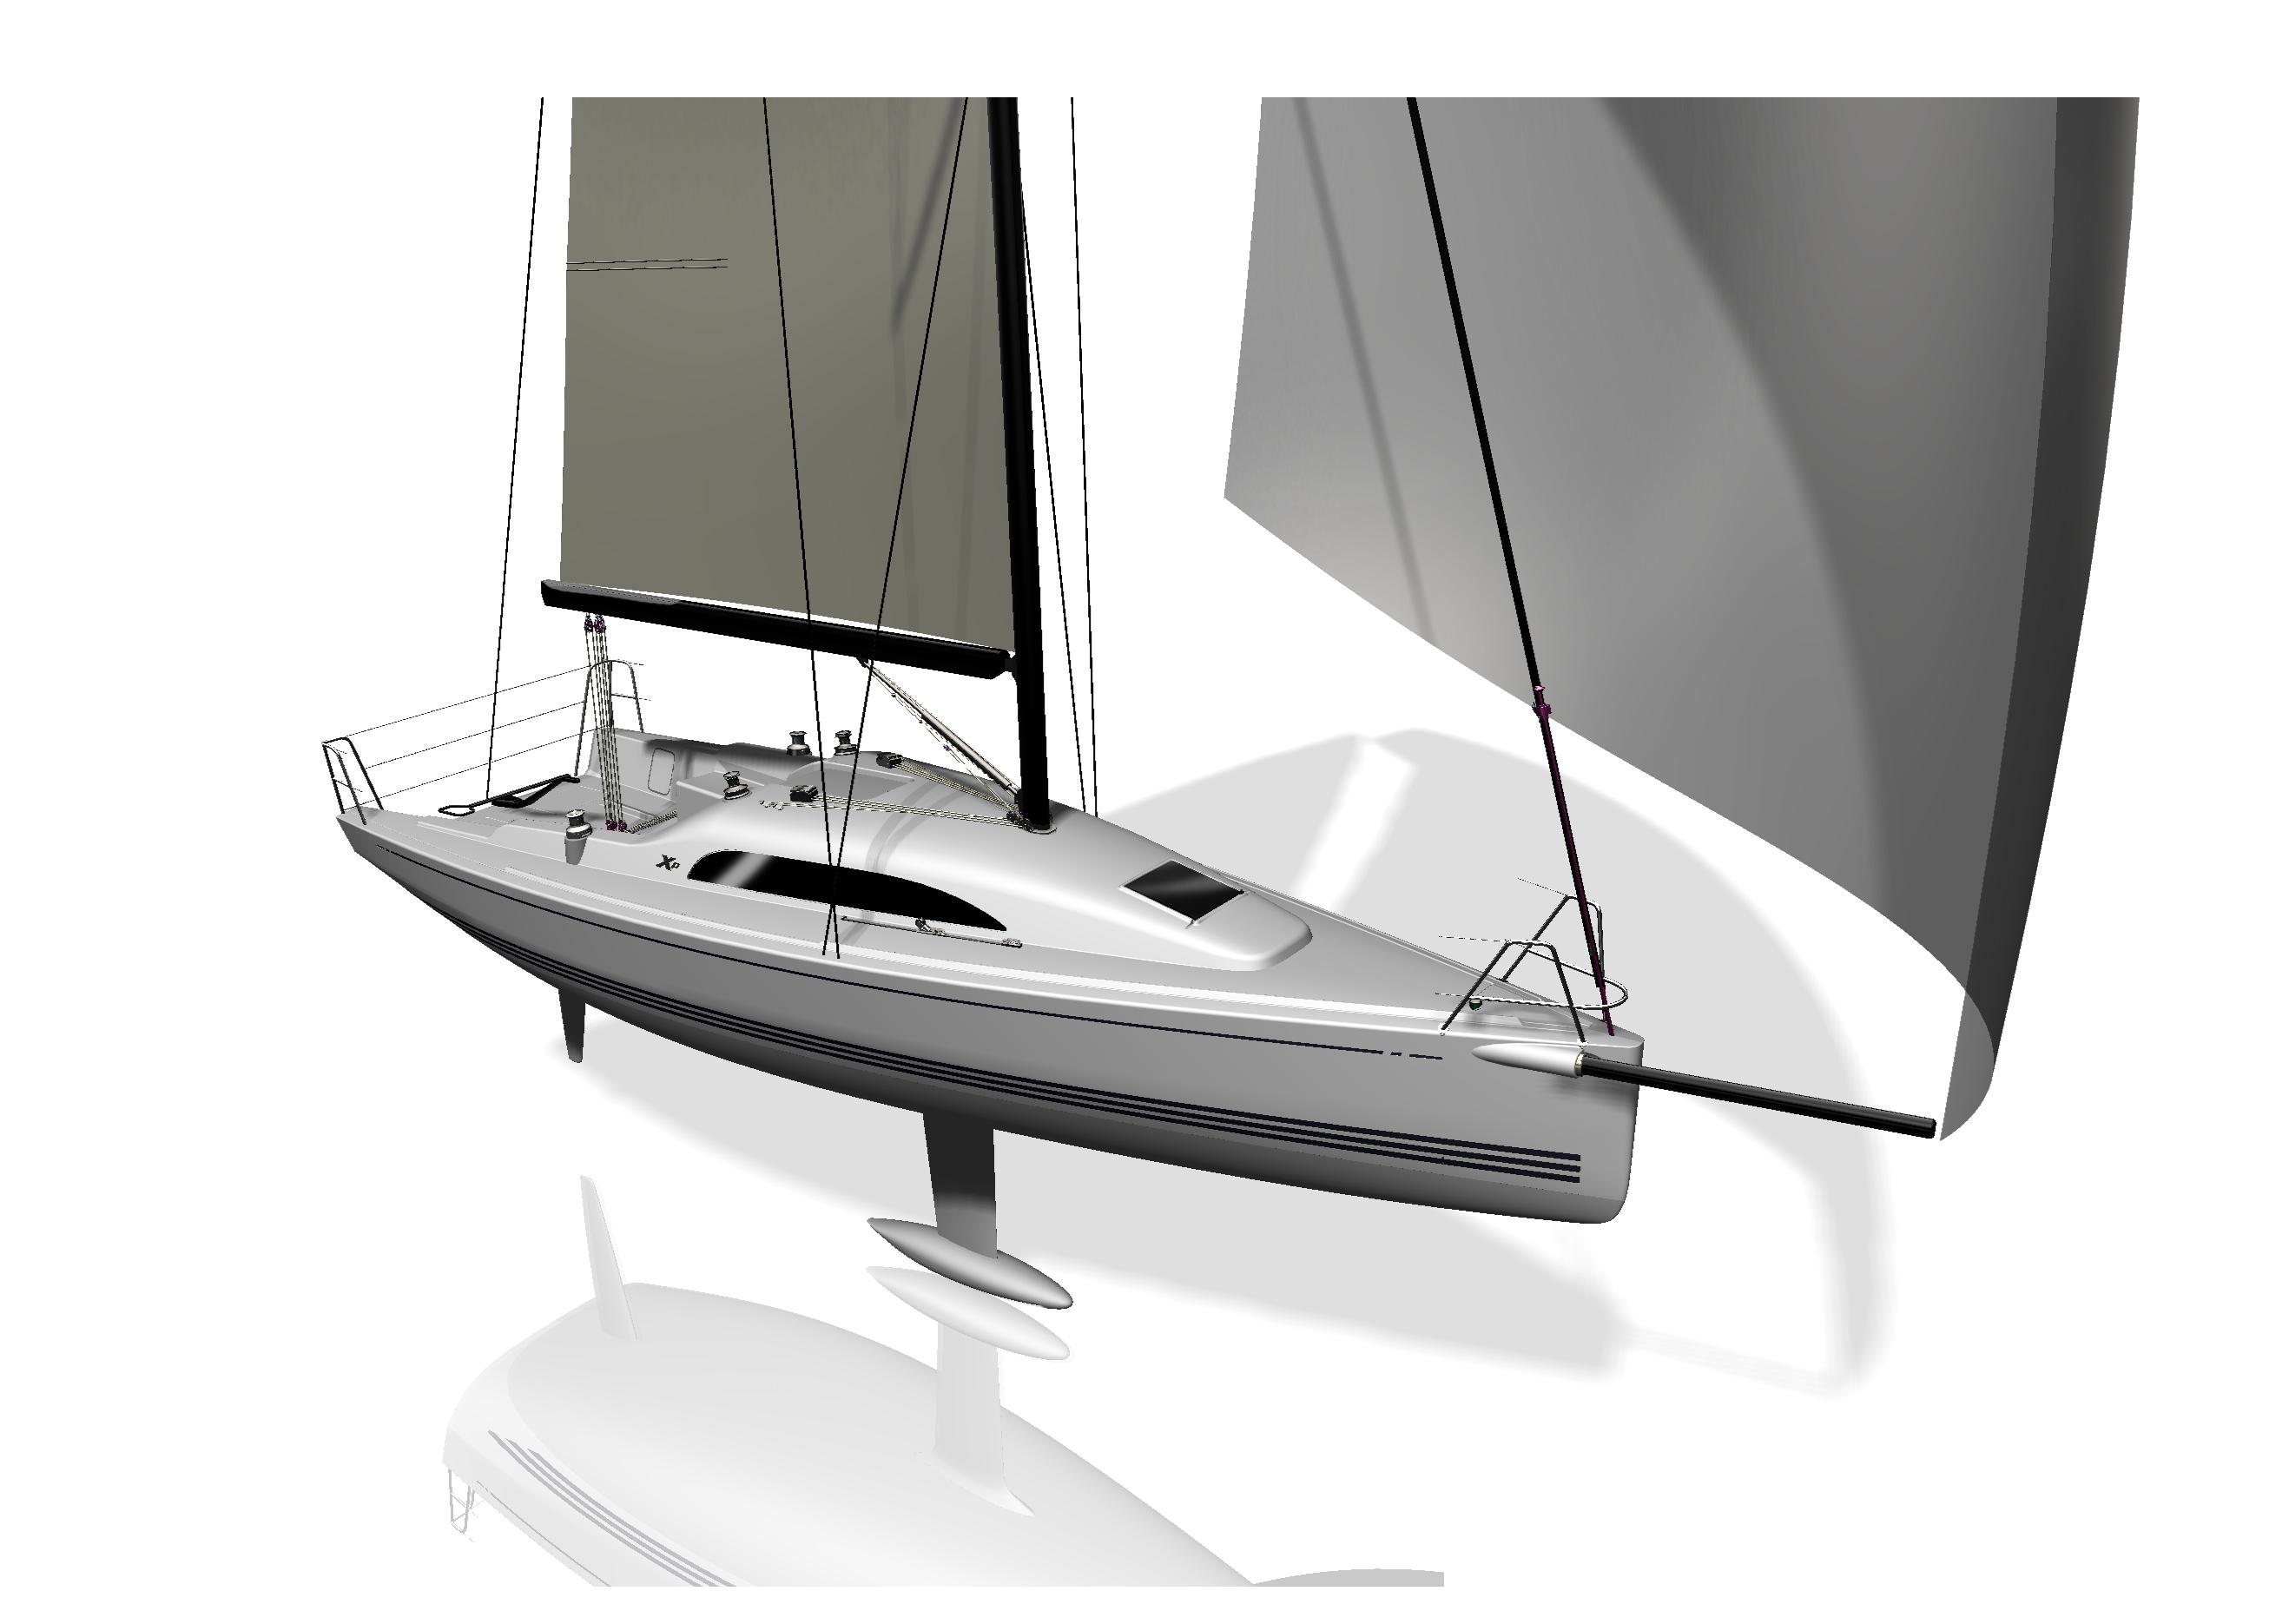 Den nye XP 33 får verdenspremiere på bådudstillingen i Paris i december, præsenteres herefter i Düsseldorf i januar og i Fredericia i februar-marts.